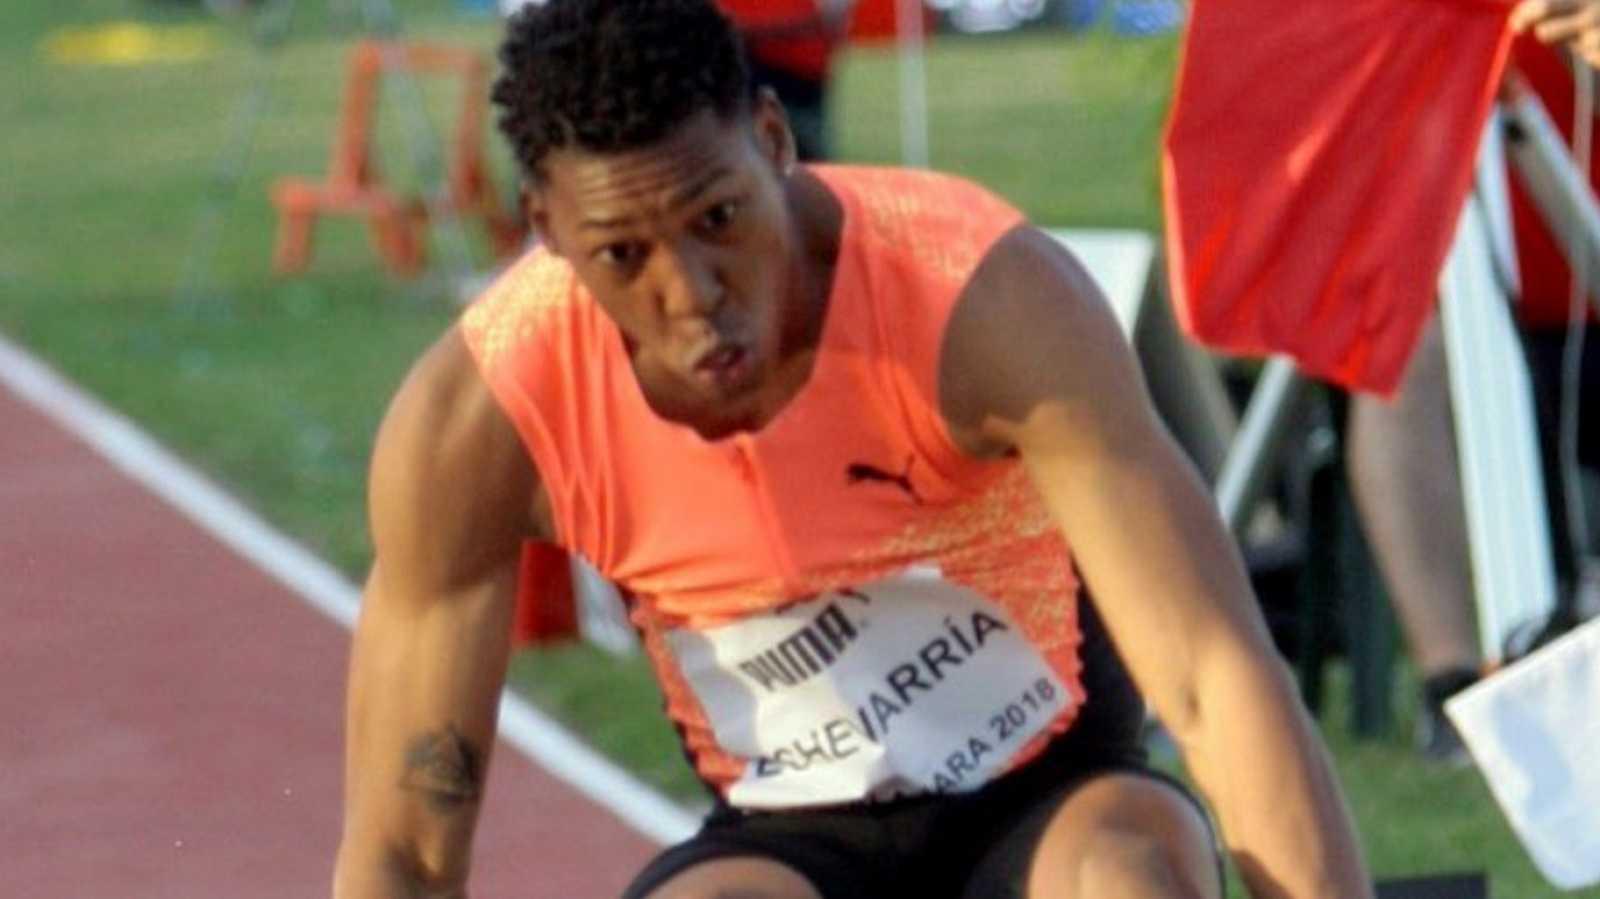 Atletismo - Mitin de Guadalajara 2018 (1) - ver ahora